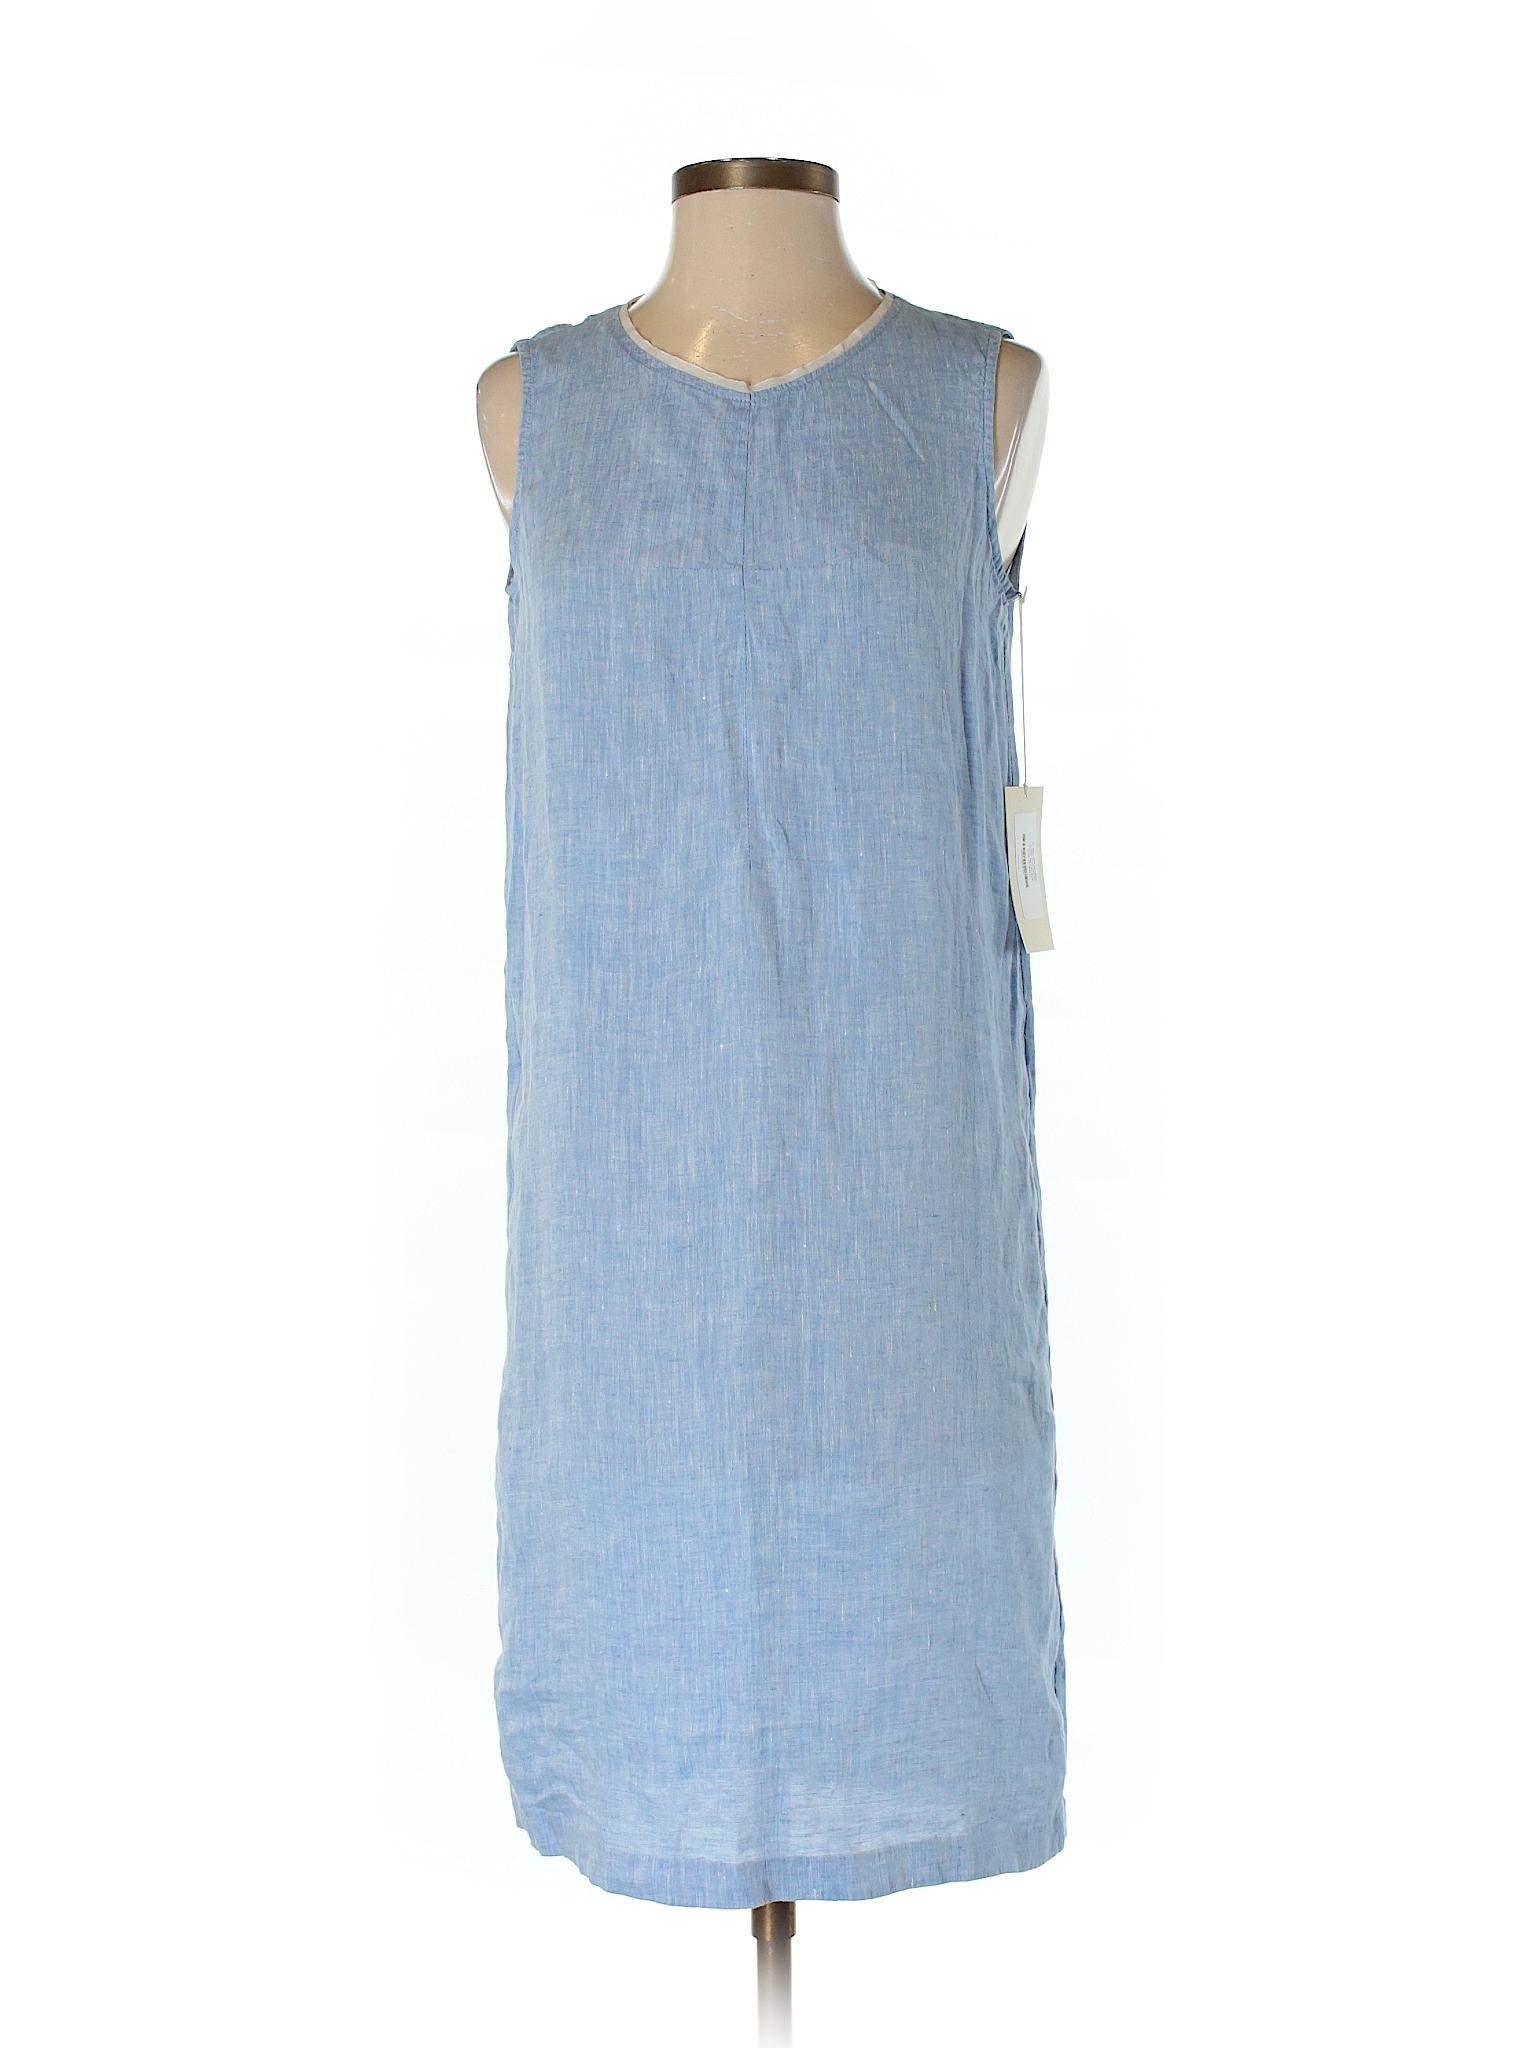 Dress Casual Garconne winter La moderne Boutique qpXwx7gznc